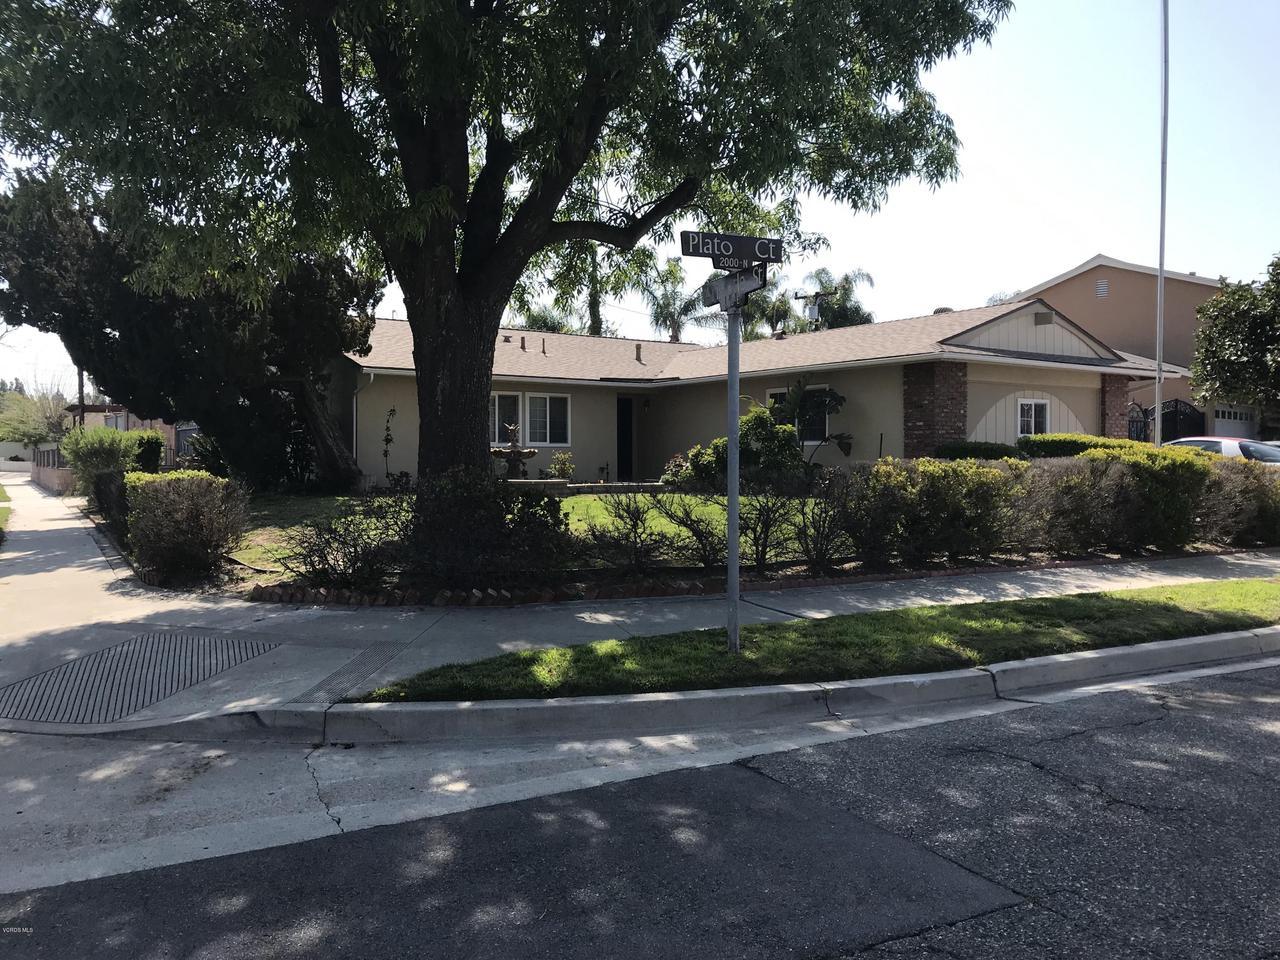 2090 PLATO, Simi Valley, CA 93065 - Plato front corner